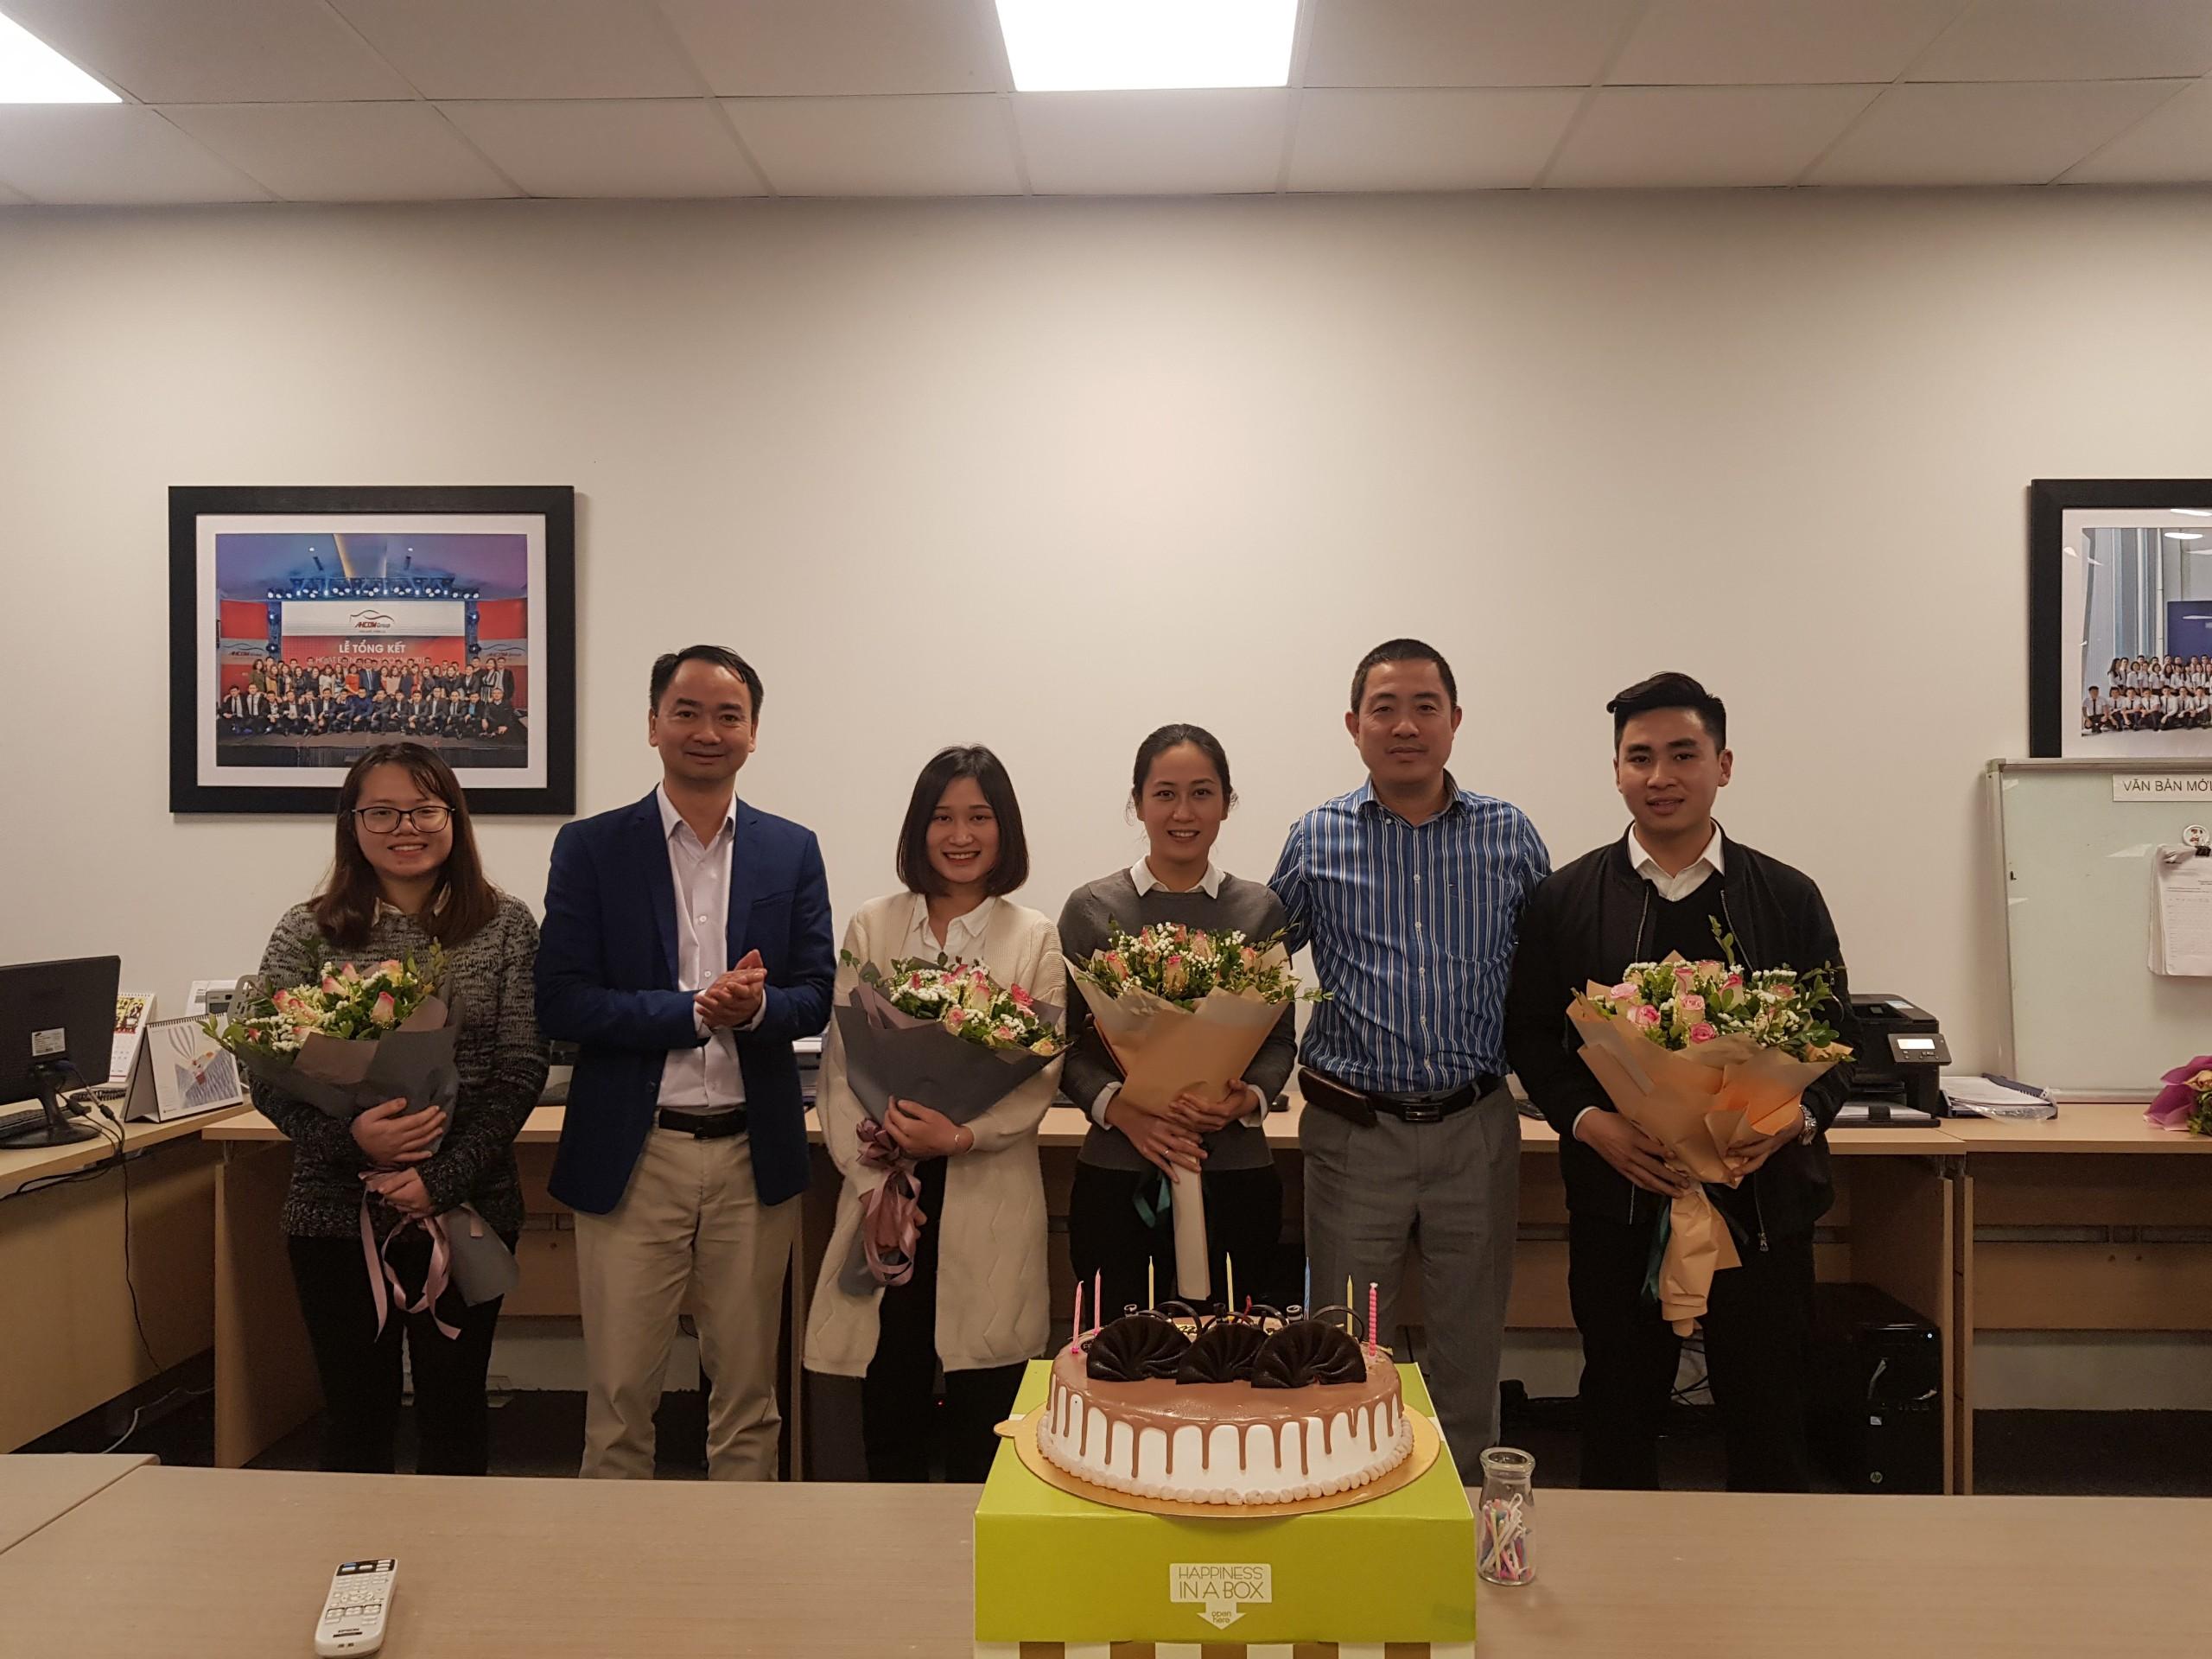 AHCOM tổ chức chúc mừng sinh nhật cho cán bộ nhân viên tháng 1/2019